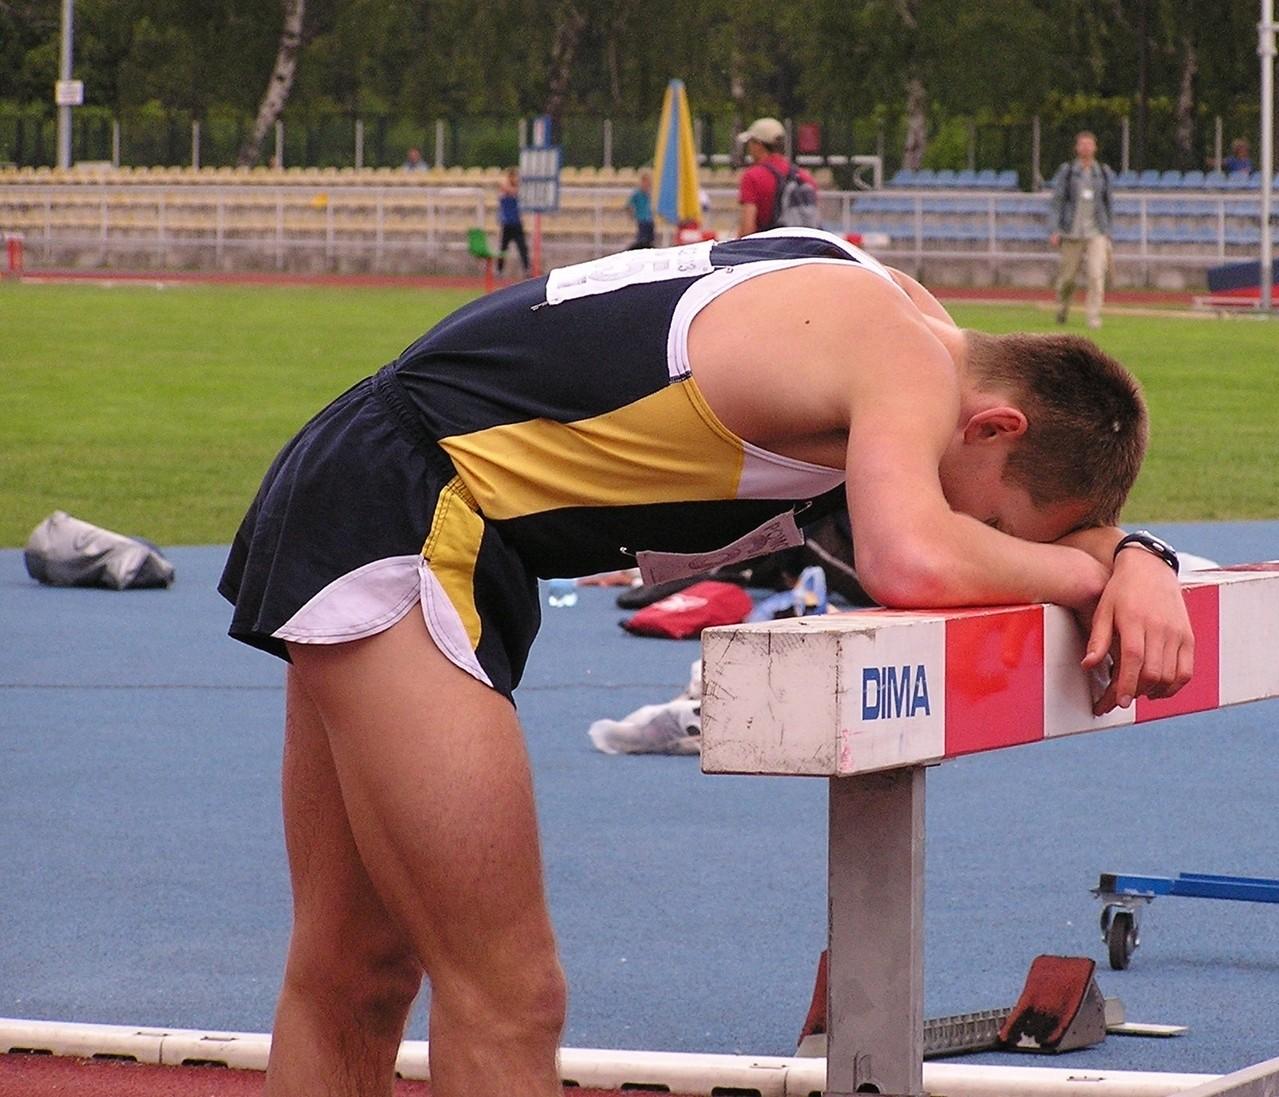 Narodowe dyscypliny sportowe, duma i chwała